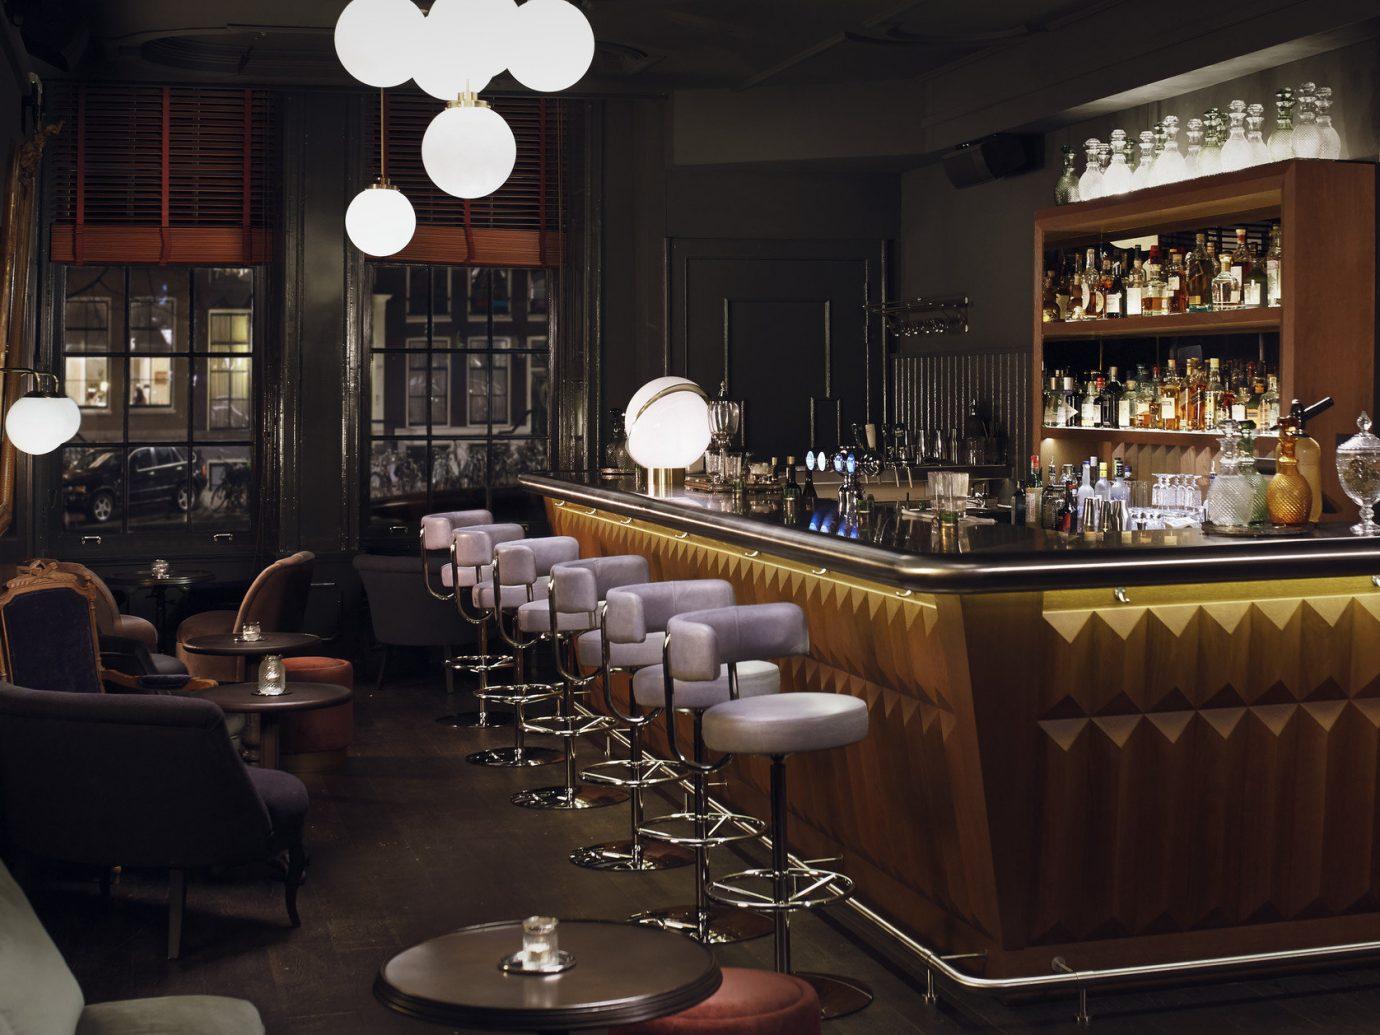 Amsterdam Boutique Hotels Hotels The Netherlands indoor ceiling room restaurant Bar meal interior design estate café table furniture